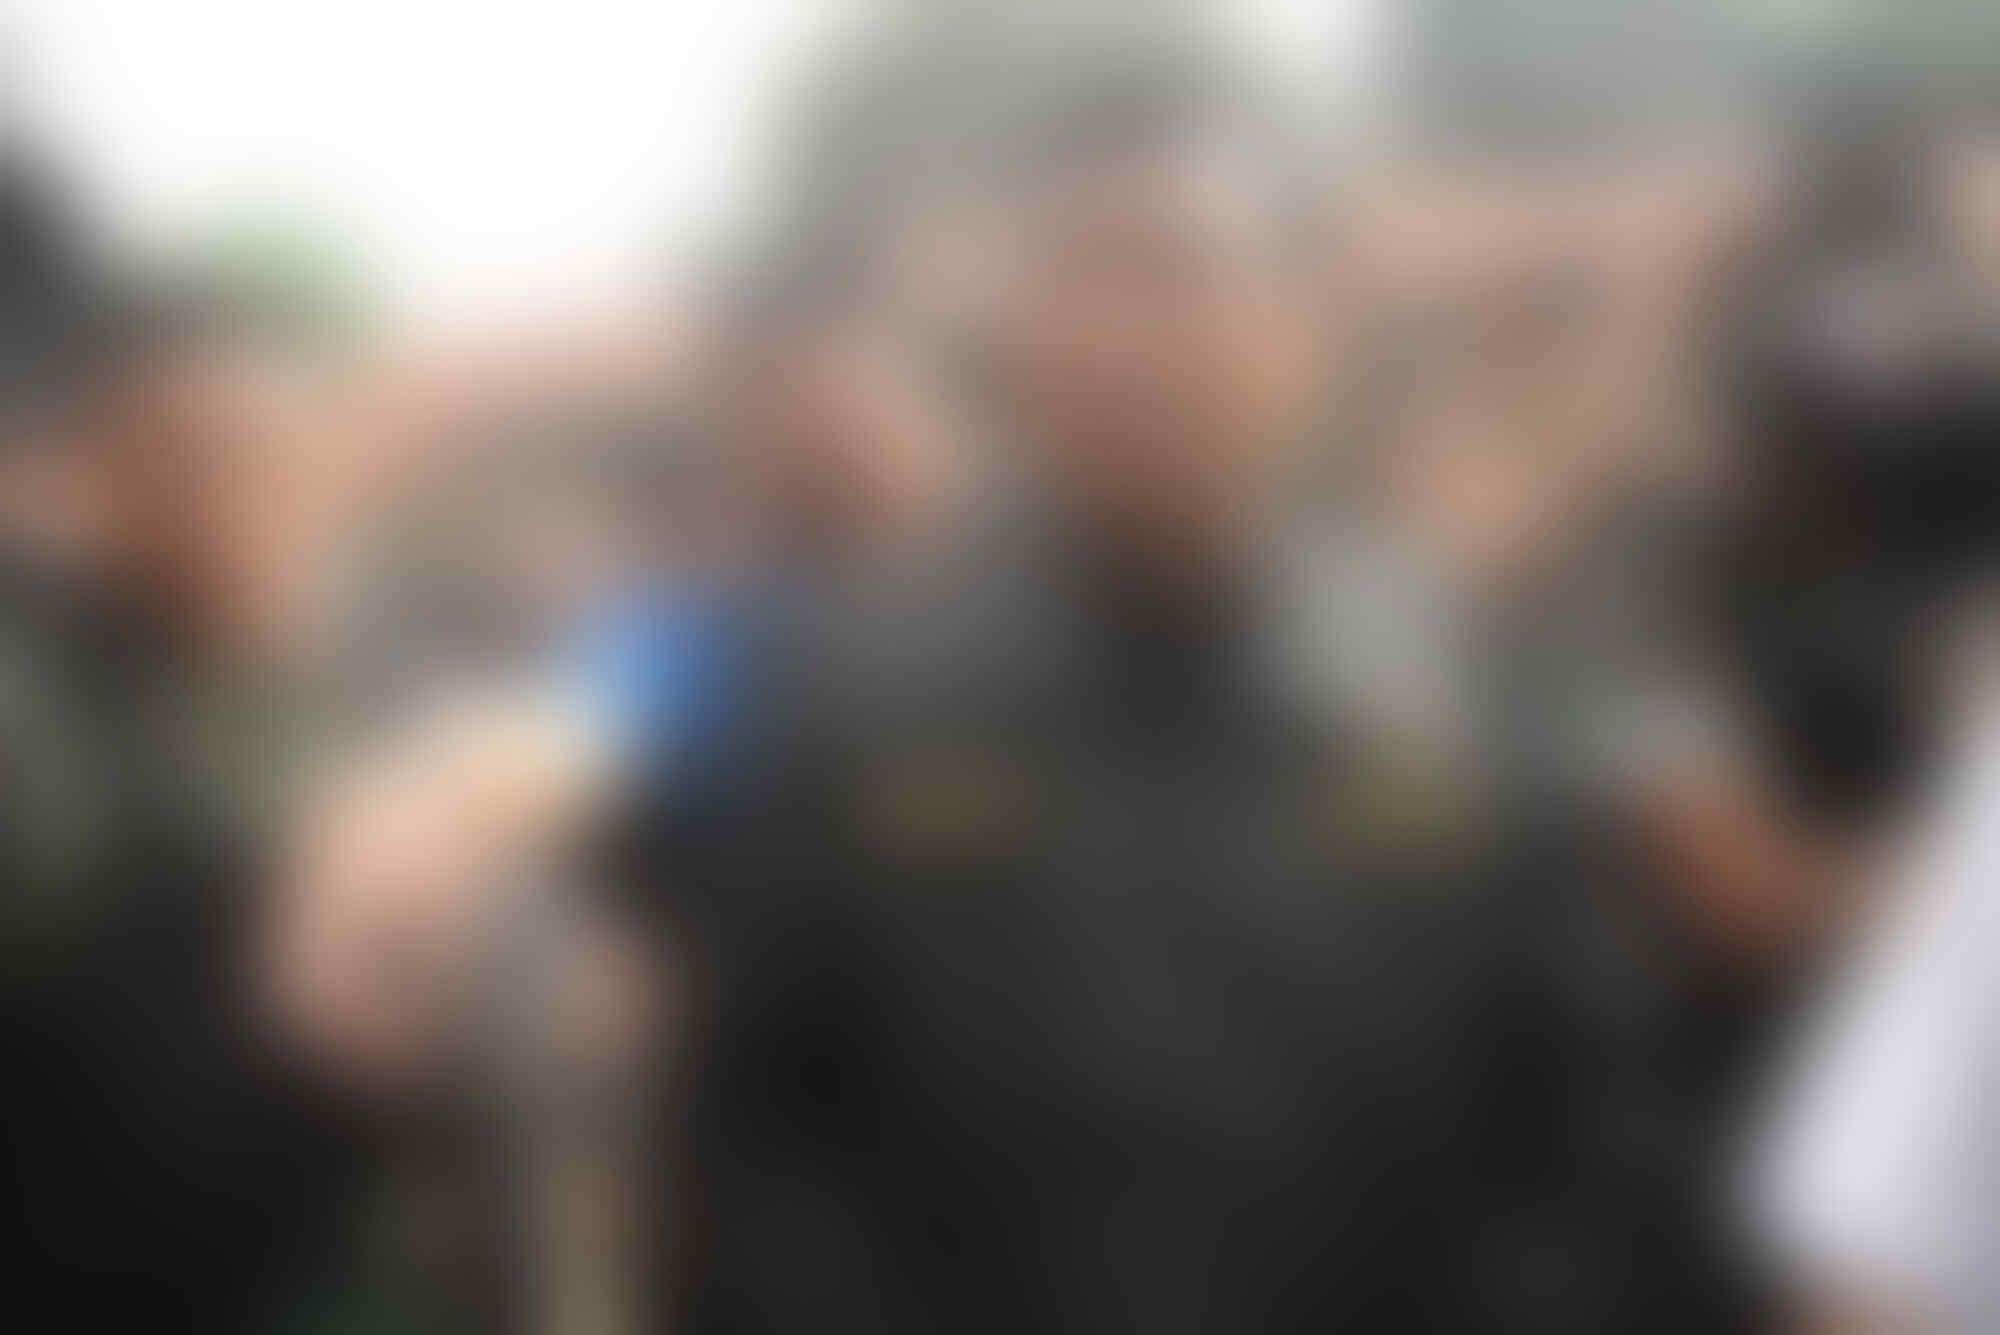 TNI Dilibatkan Berantas Terorisme, Pemerintah Jamin Tidak Akan Kembali ke Orde Baru